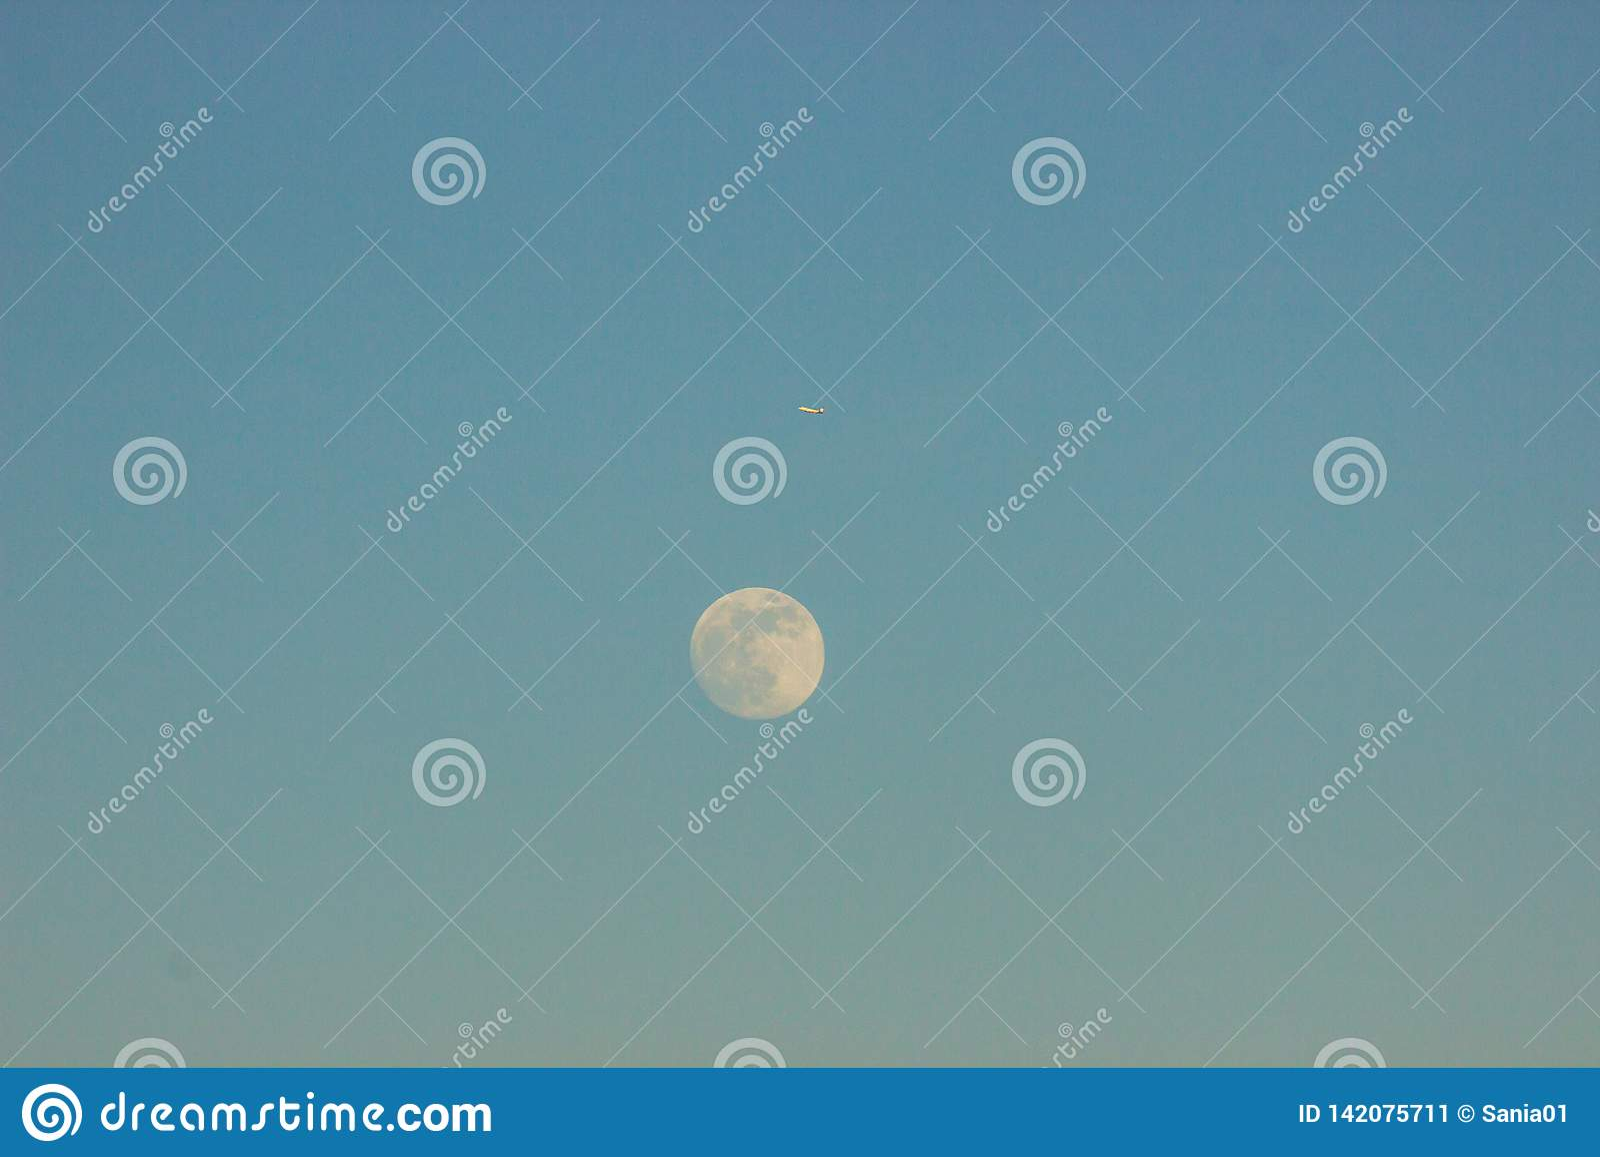 Księżyc przeciw niebieskiemu niebu obok samolotu i lata ja dostawał zmrok zmierzch i moonrise, dnia i nocy zmiana